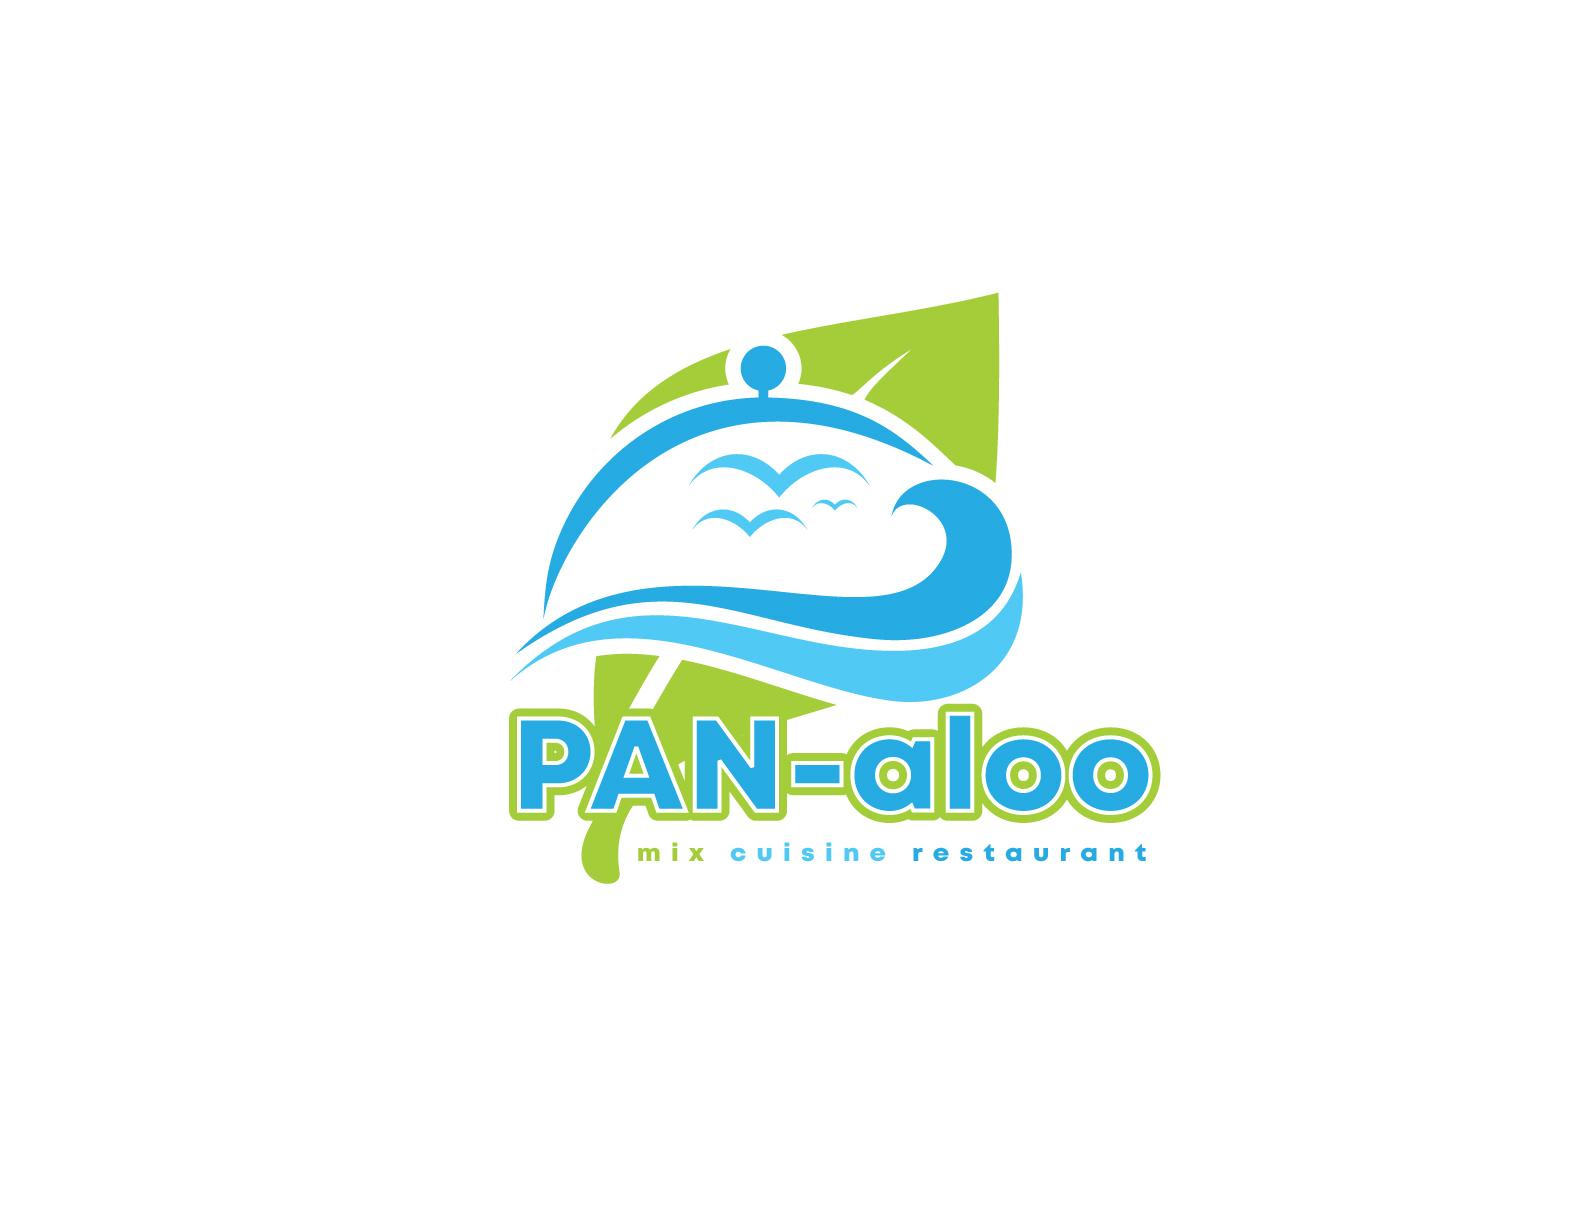 PANaloo-LOGO